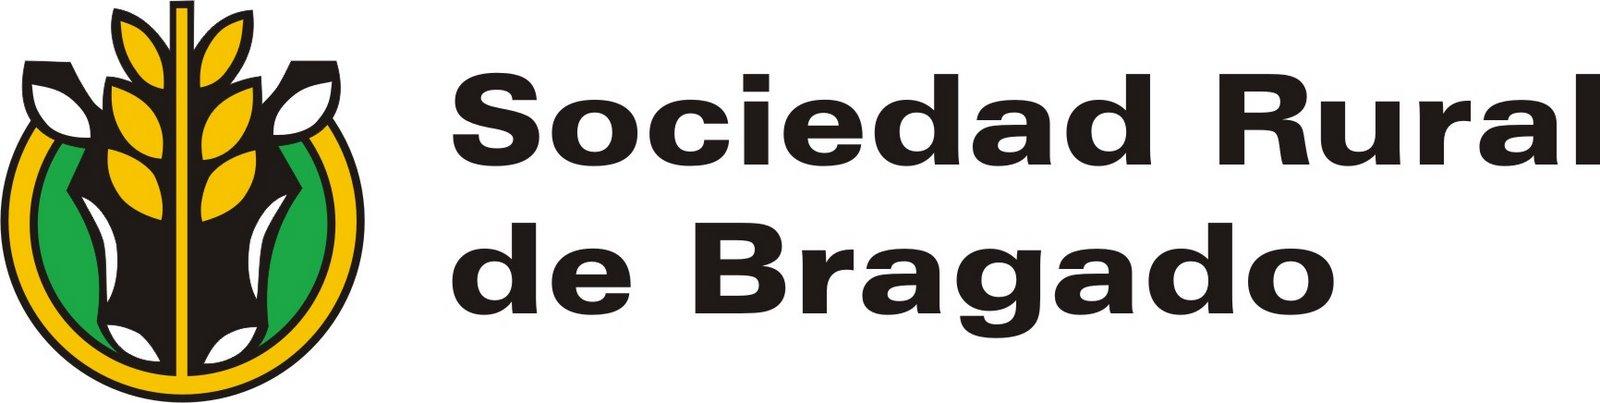 Sociedad Rural de Bragado